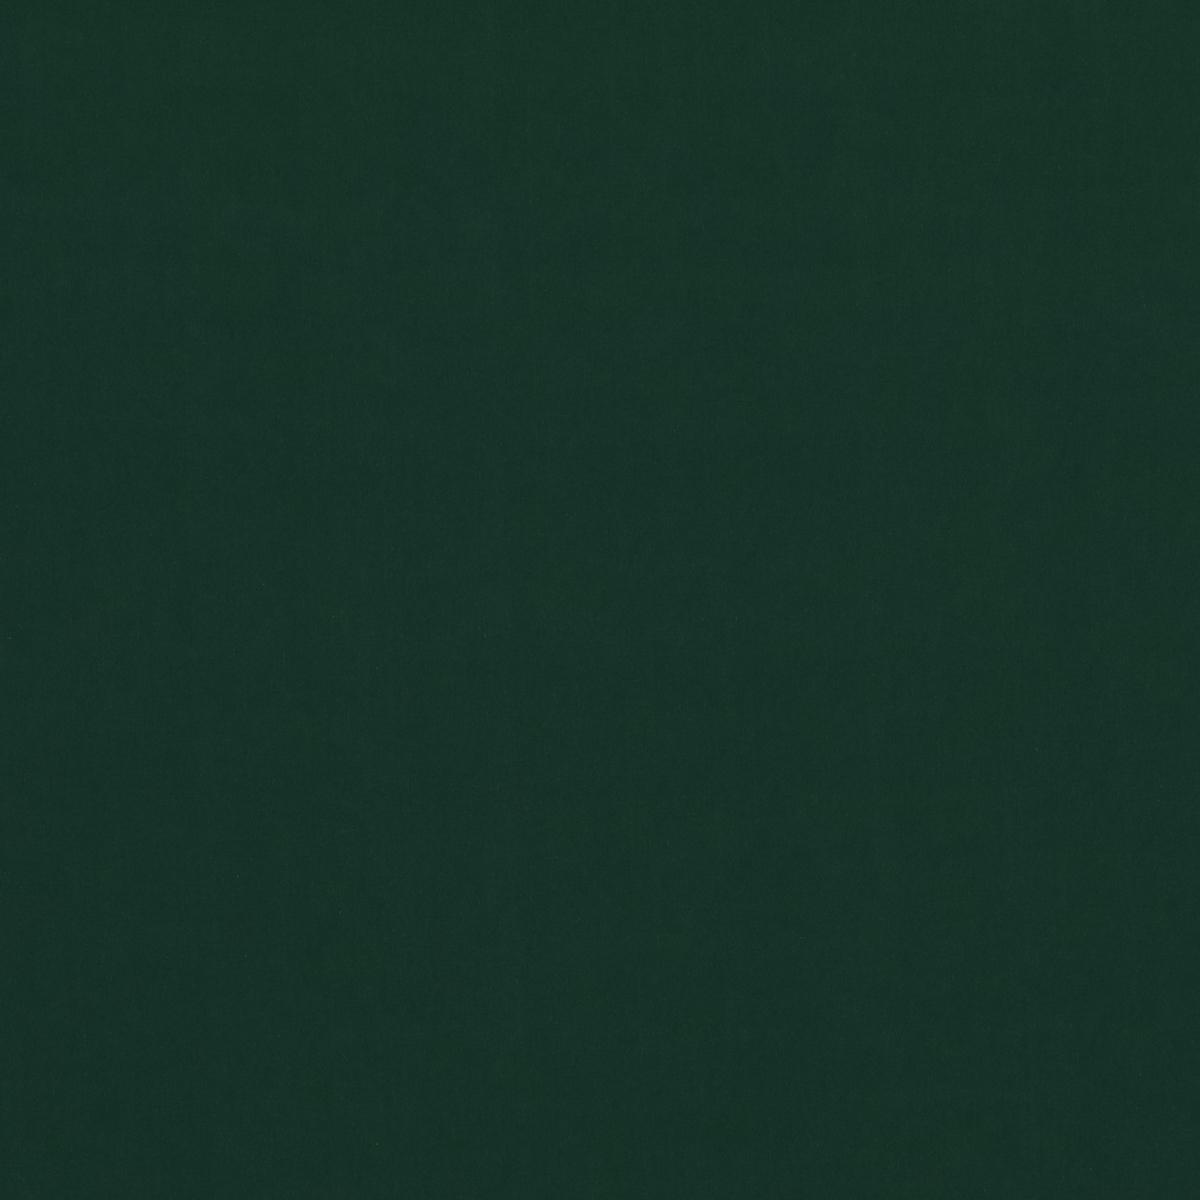 Тонкий шёлковый крепдешин зелёного цвета